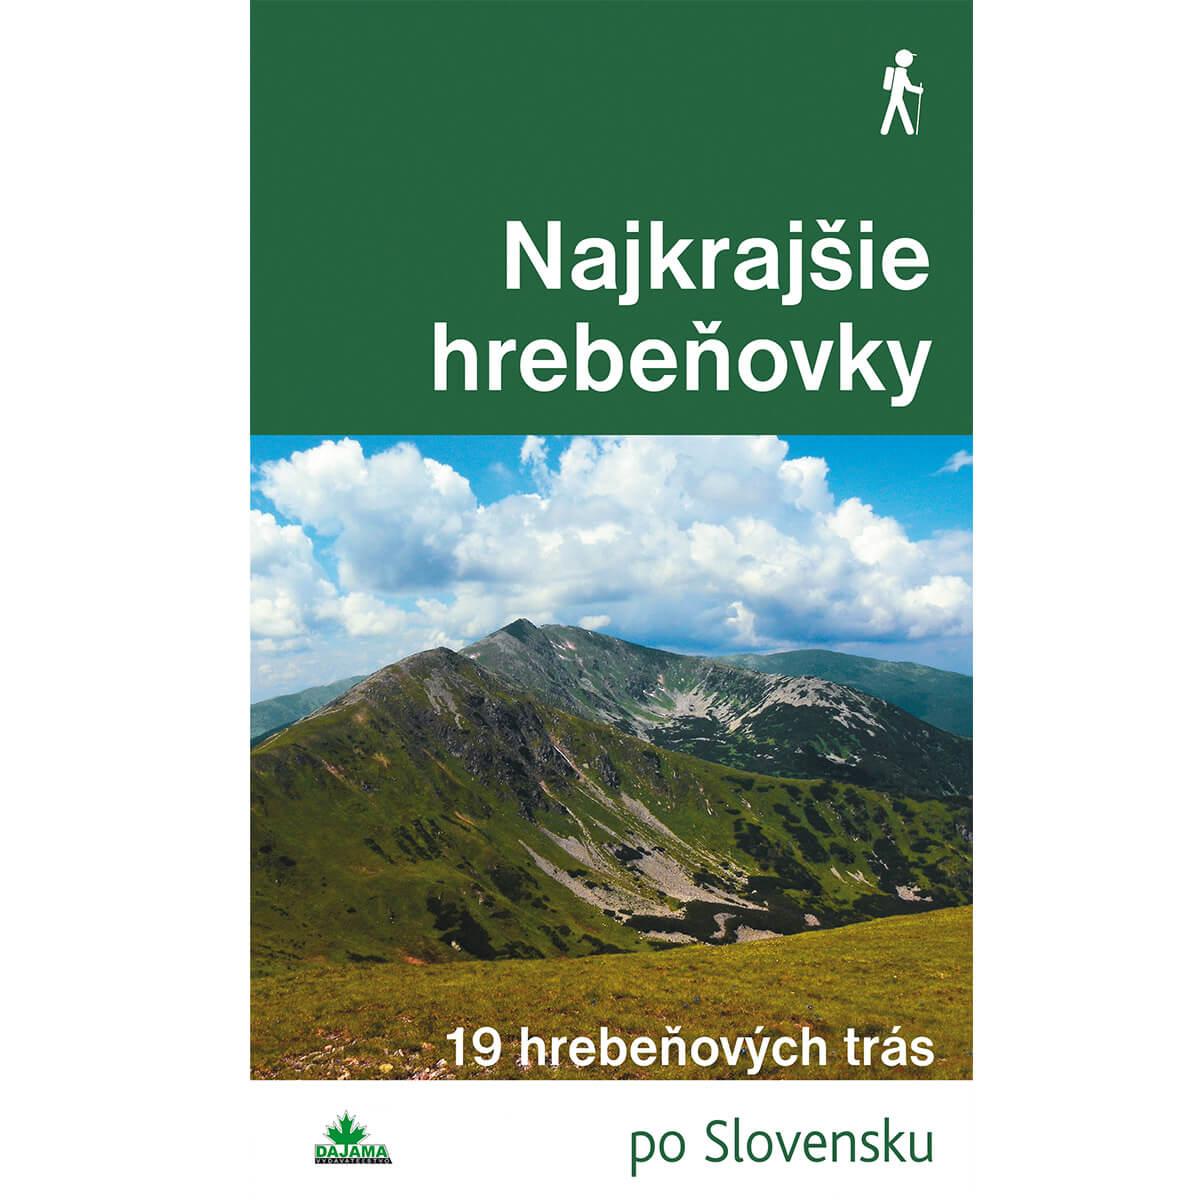 Kniha Najkrajšie hrebeňovky - 19 hrebeňových trás po Slovensku z vydavateľstva Dajama